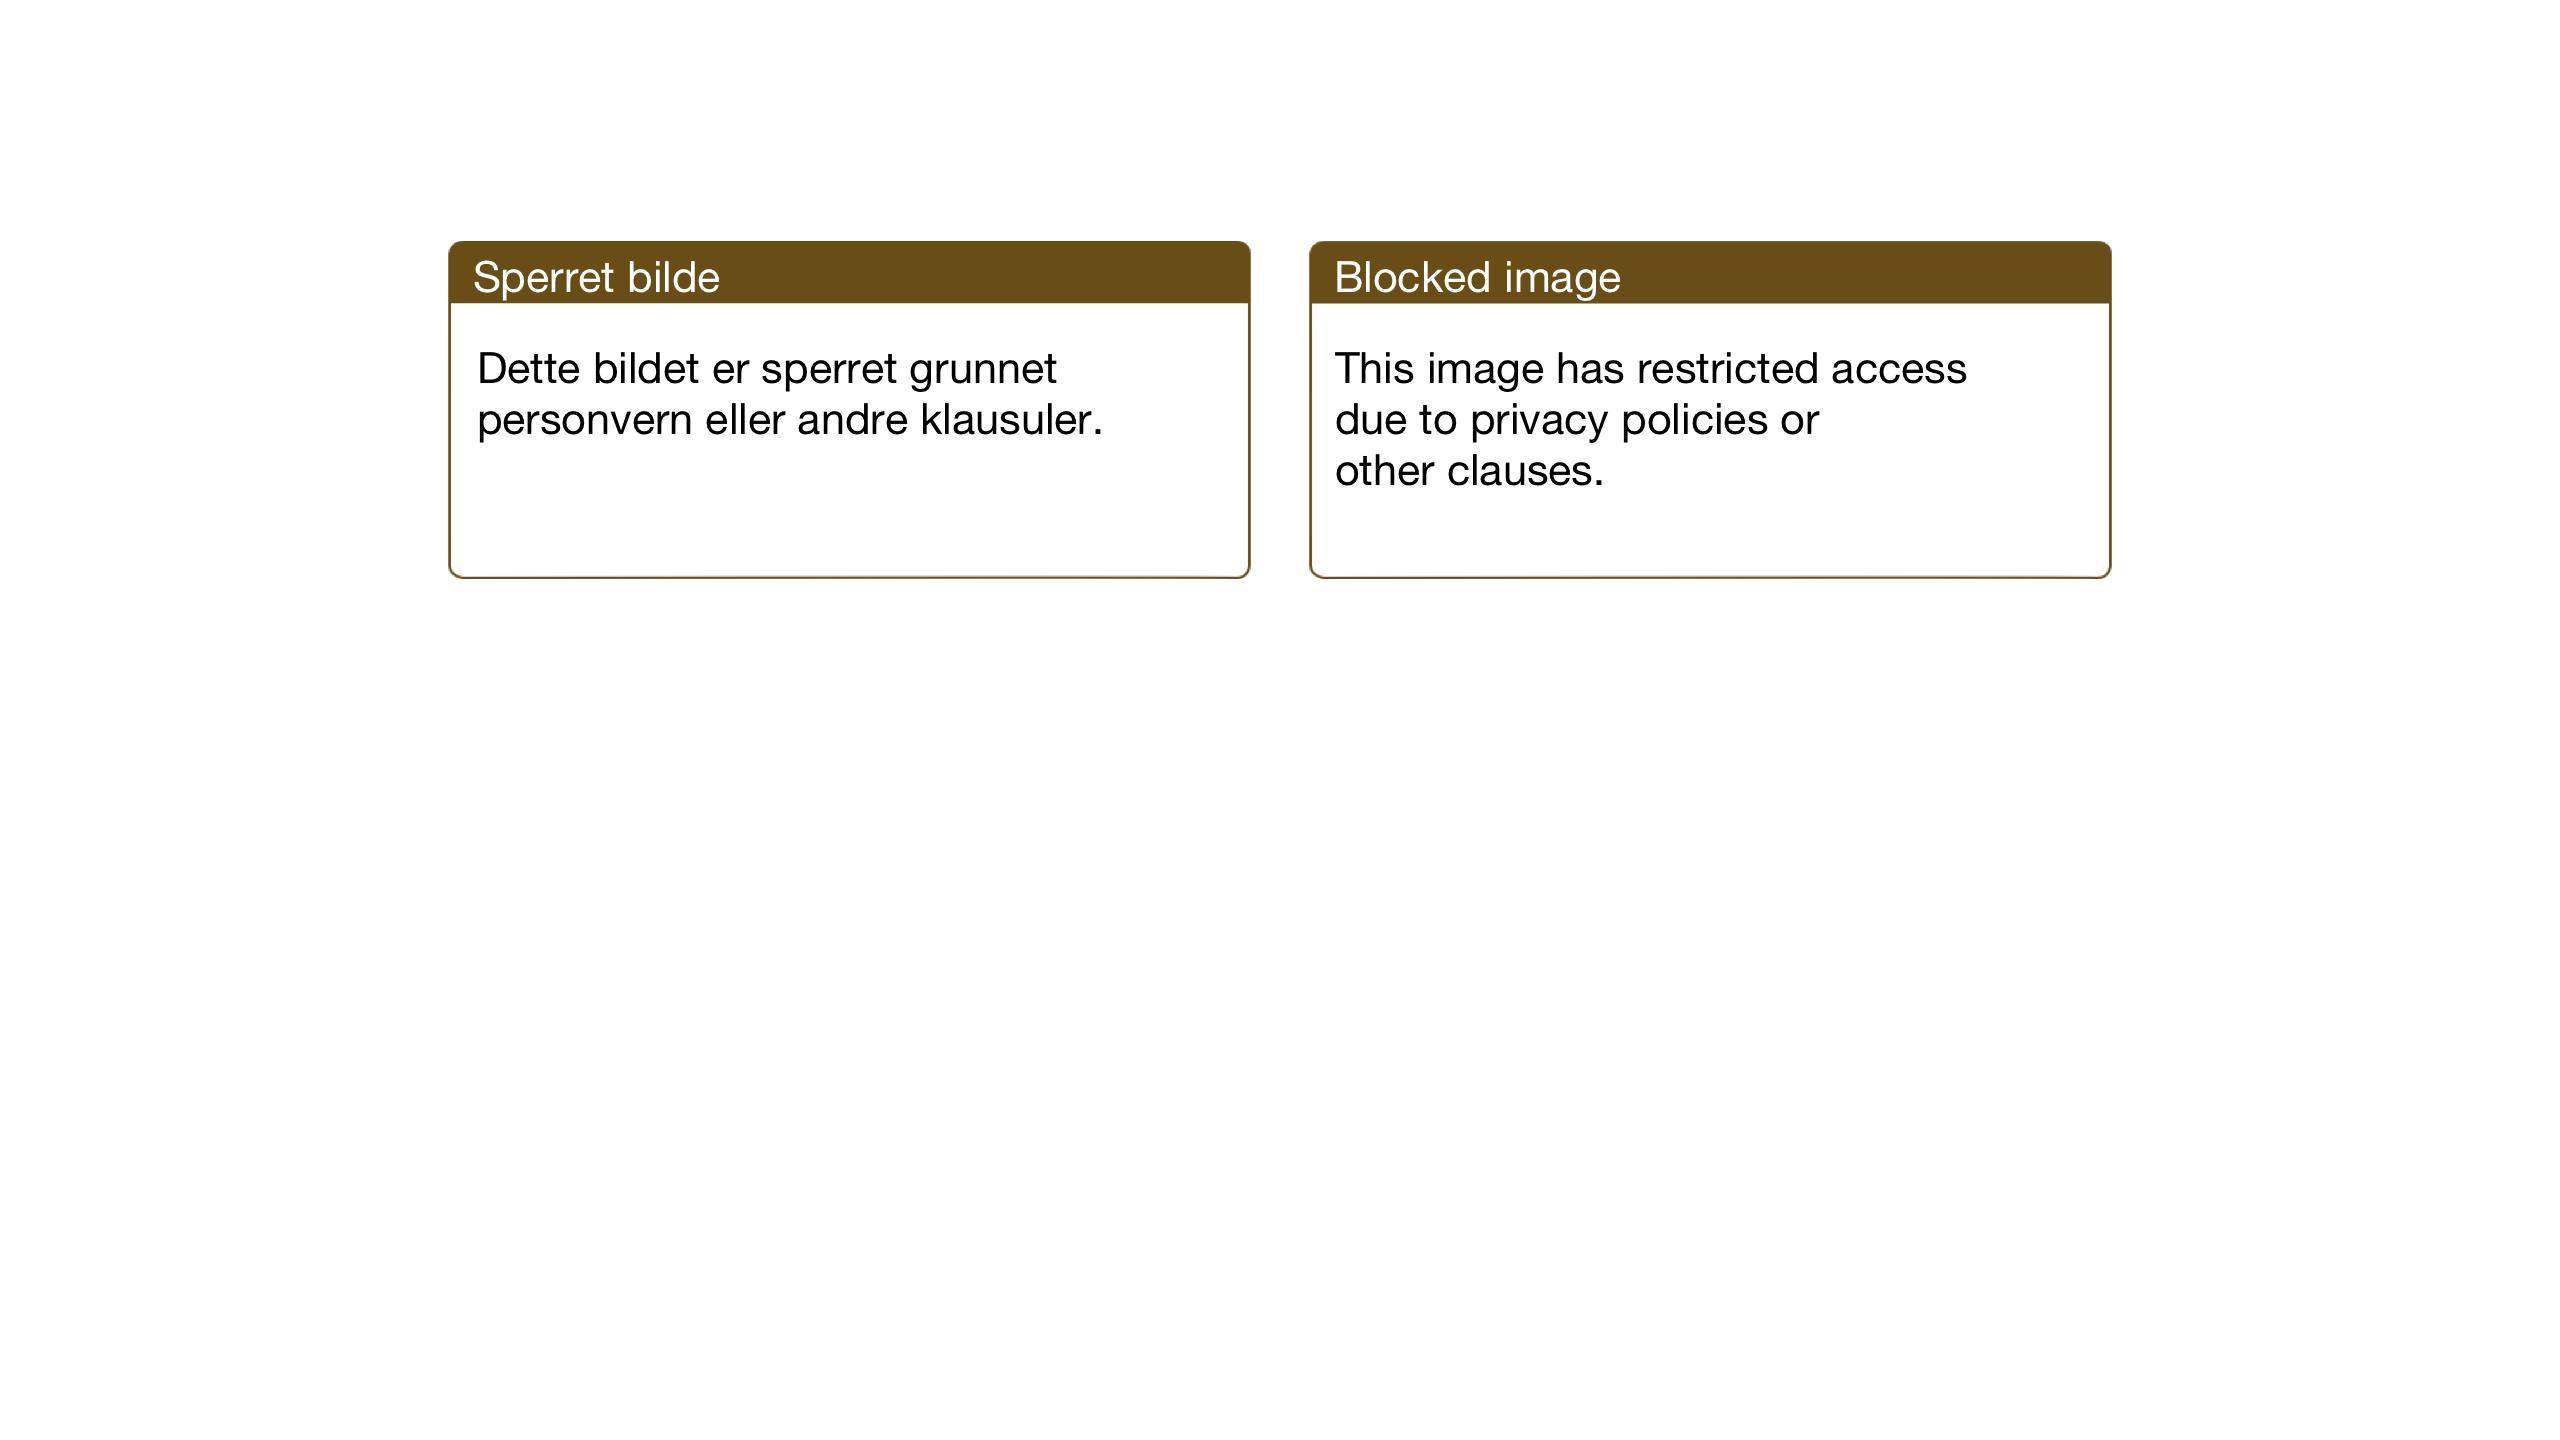 SAT, Ministerialprotokoller, klokkerbøker og fødselsregistre - Nord-Trøndelag, 755/L0500: Klokkerbok nr. 755C01, 1920-1962, s. 62